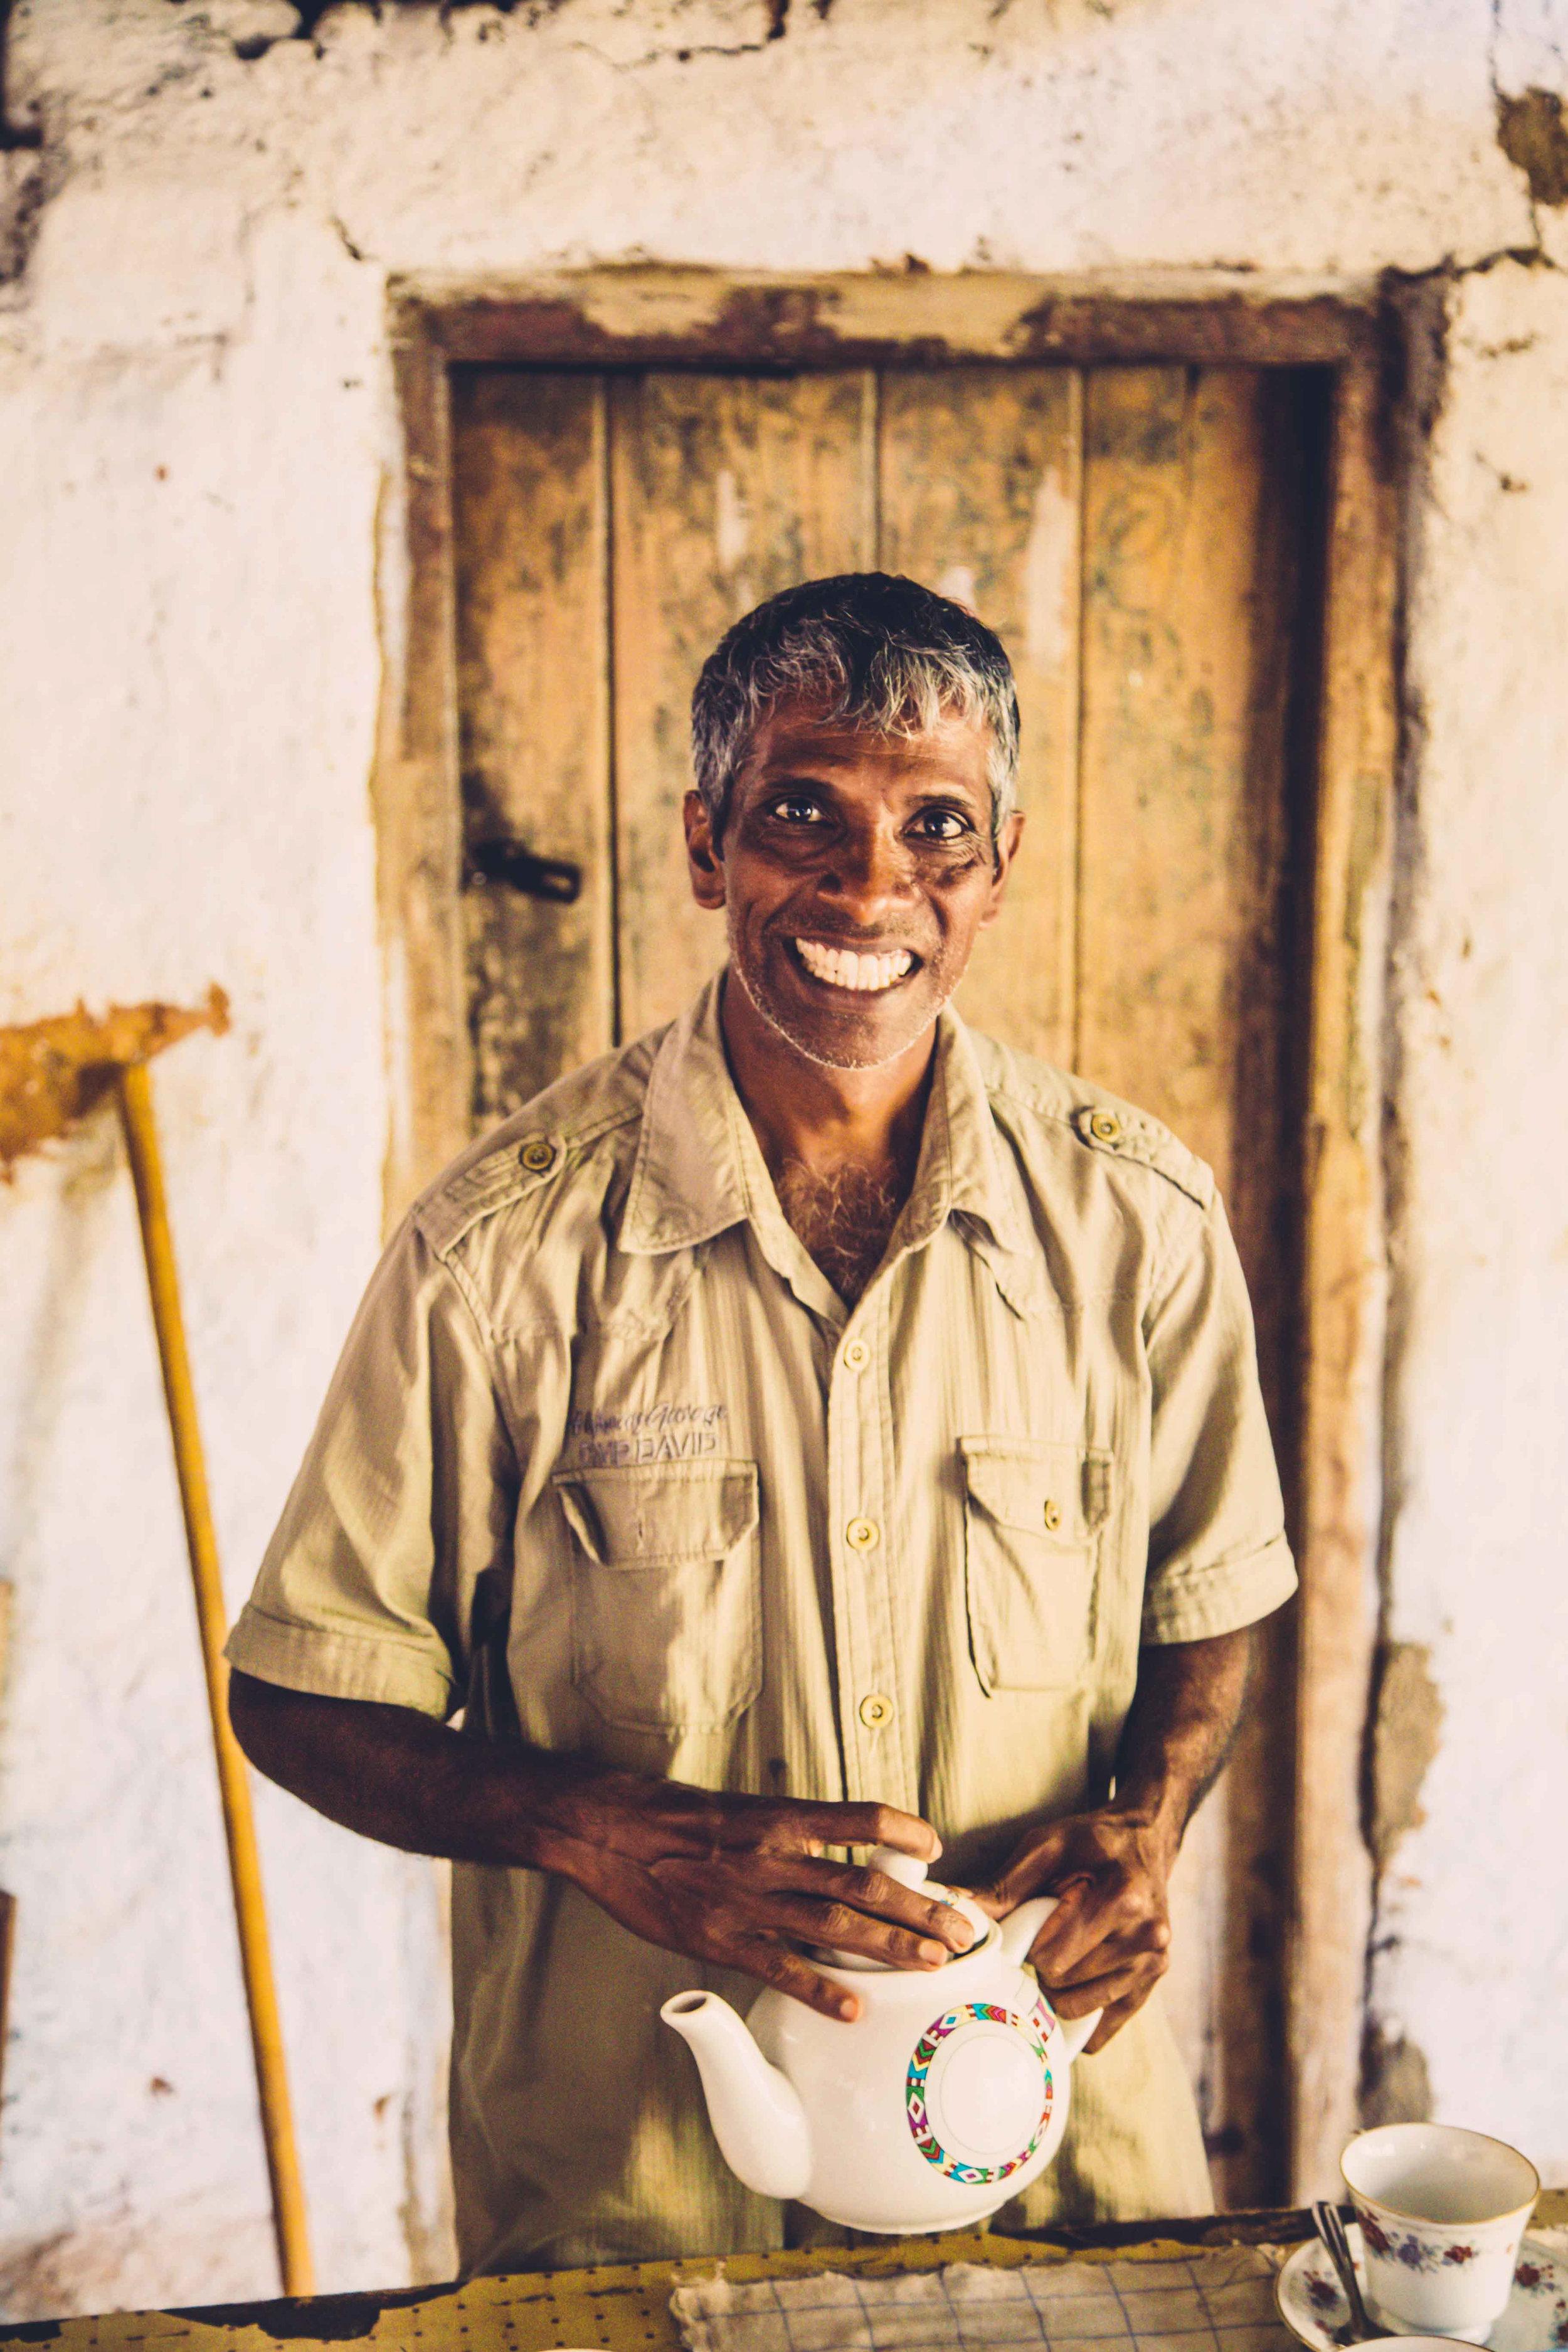 Sri-Lanka-Tea-Zach-Ashton.jpg